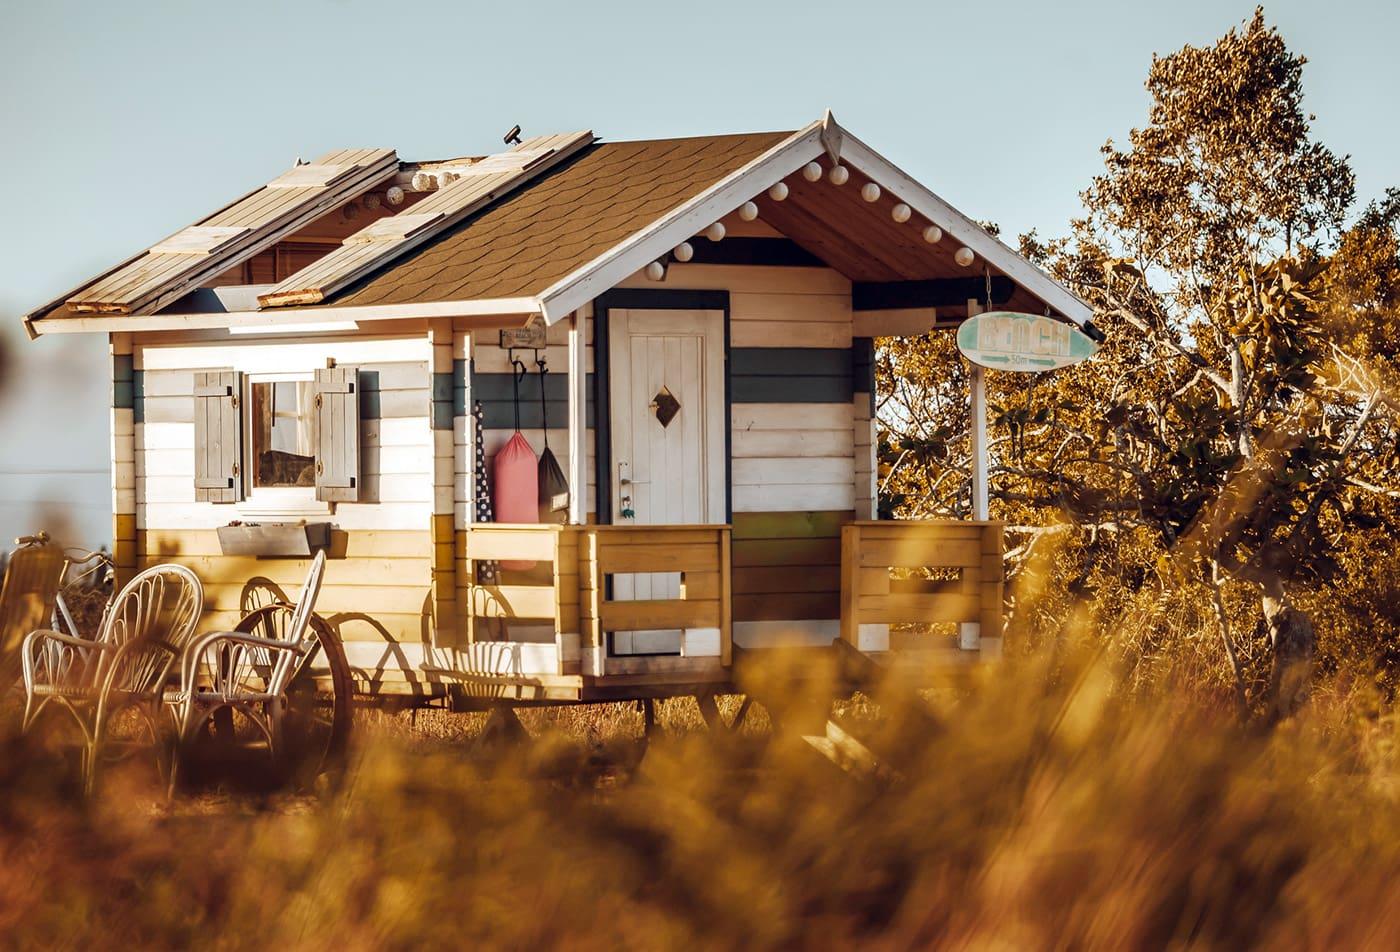 Bauwagen in der Natur – Familienurlaub an der Algarve // HIMBEER